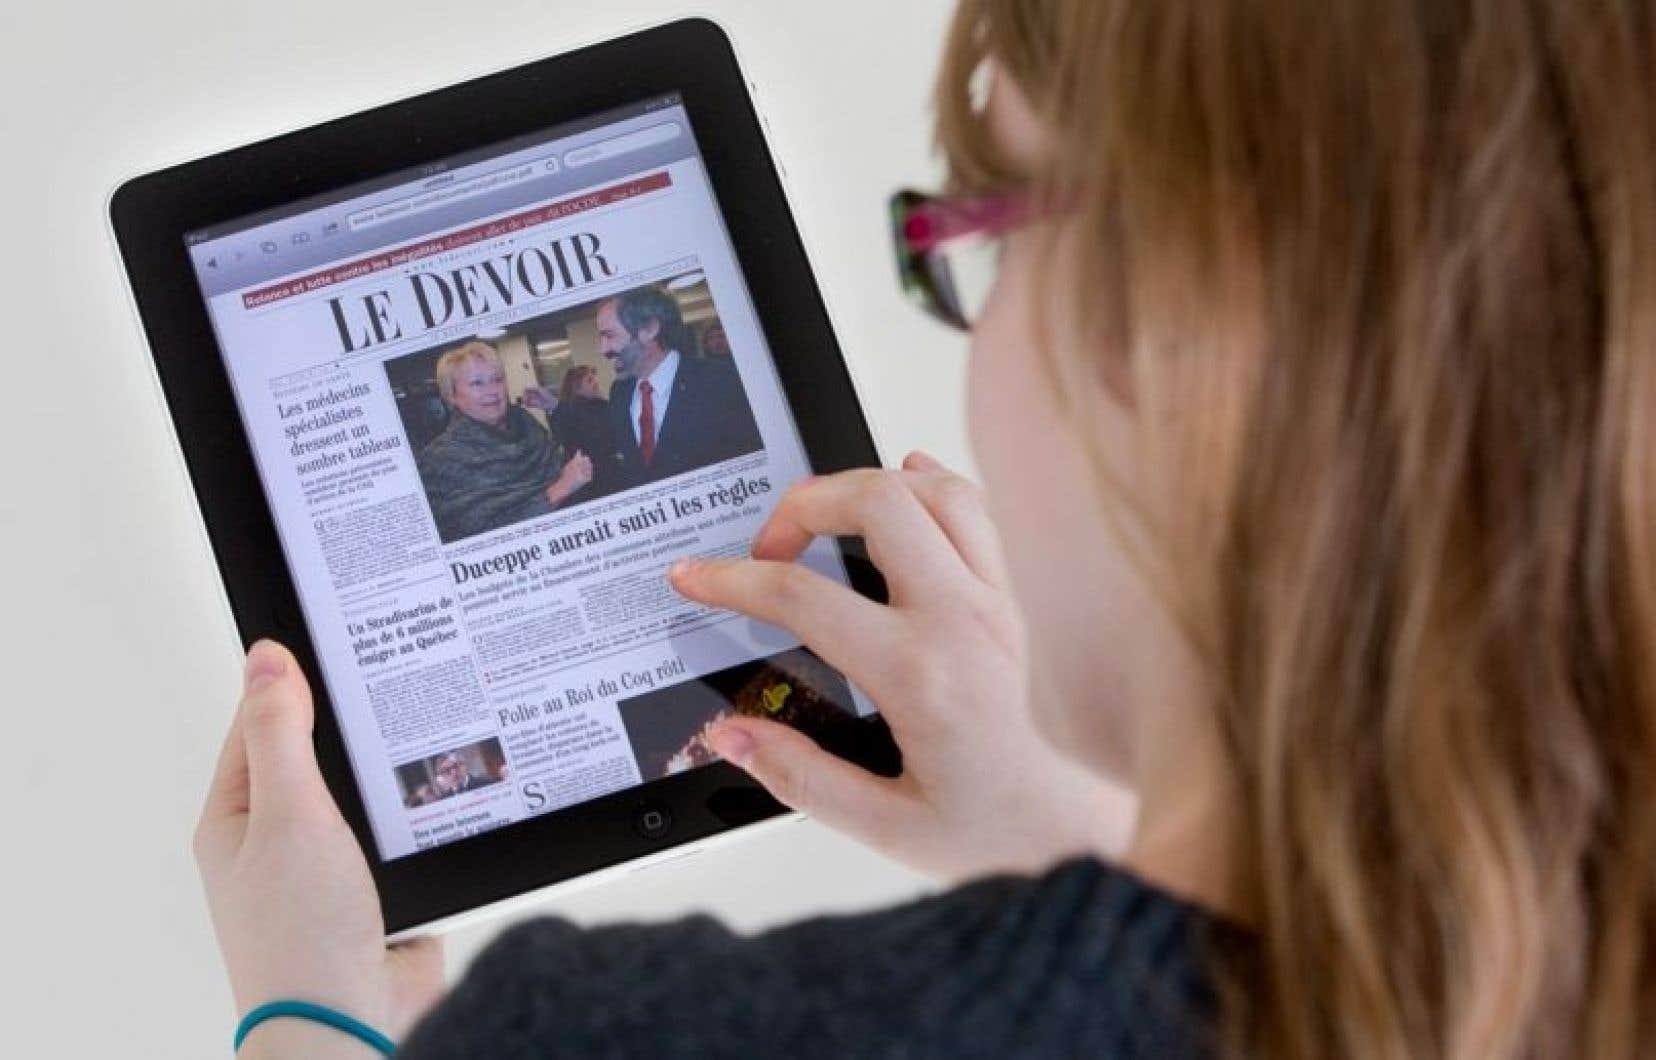 Selon les données recueillies, 27 pour cent des foyers québécois possèdent une tablette numérique, 42 pour cent un téléphone intelligent, alors que 12 pour cent possèdent une liseuse électronique.